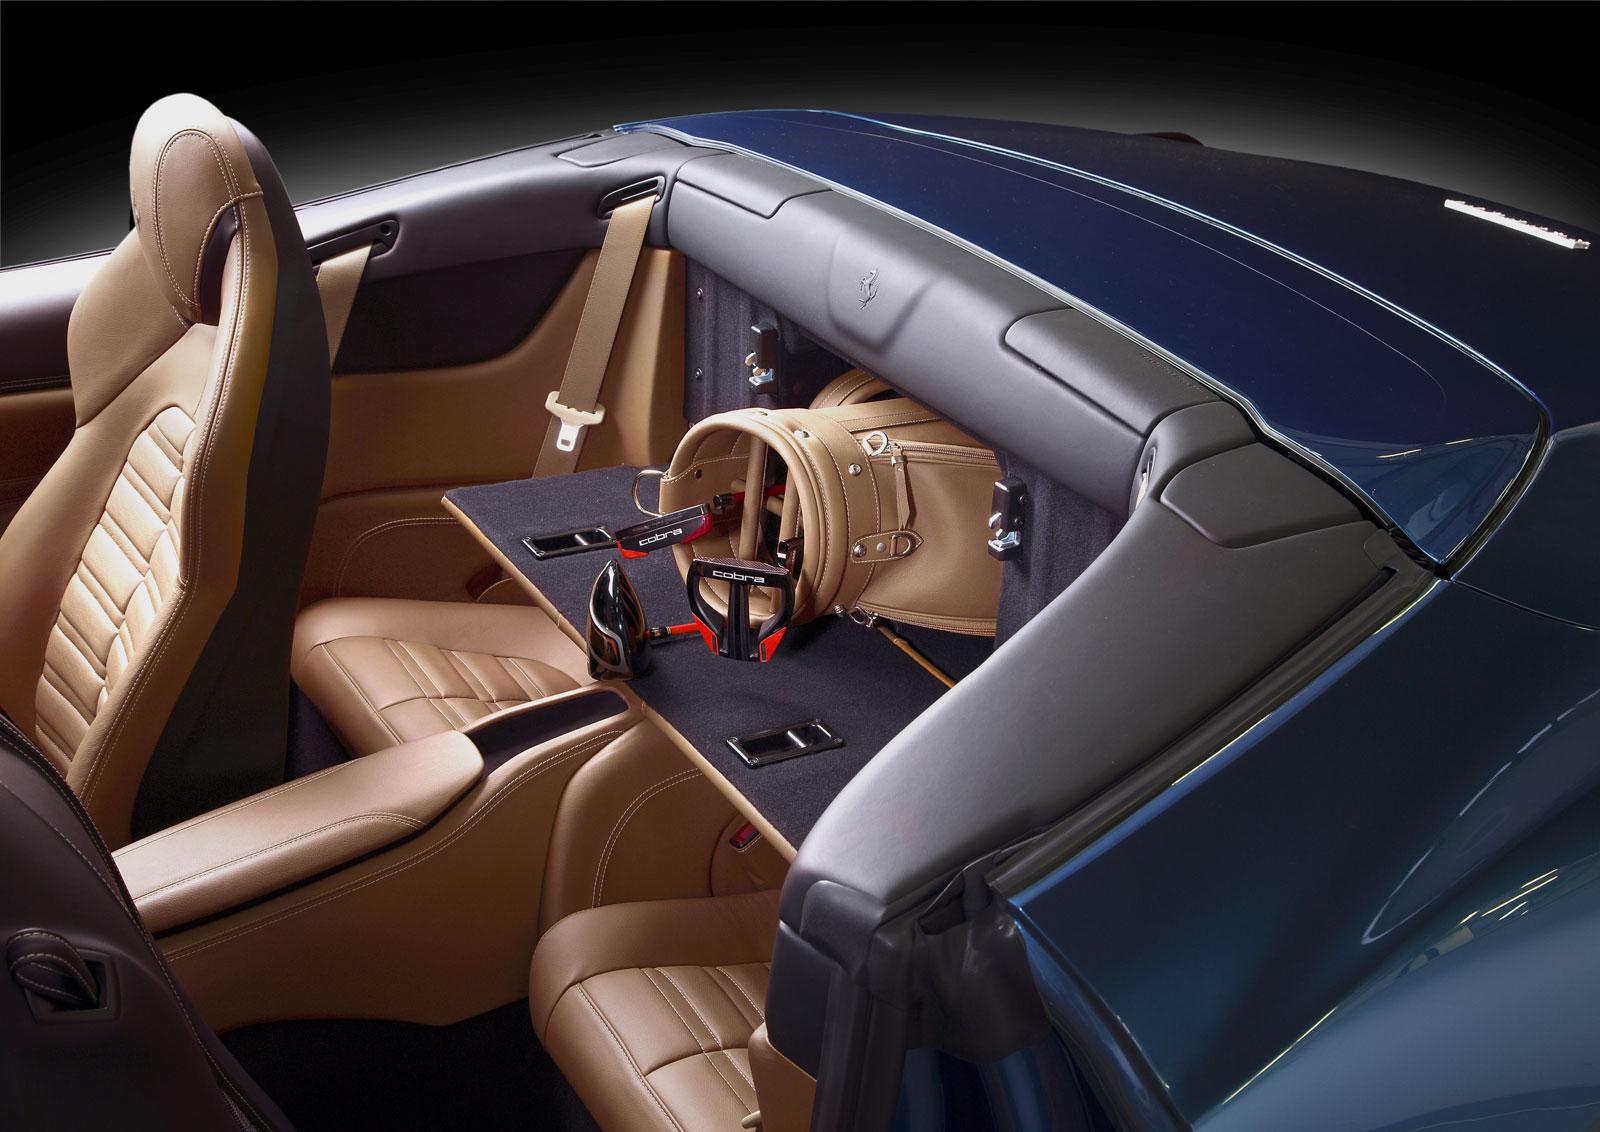 Ferrari California T Interior - Car Body Design